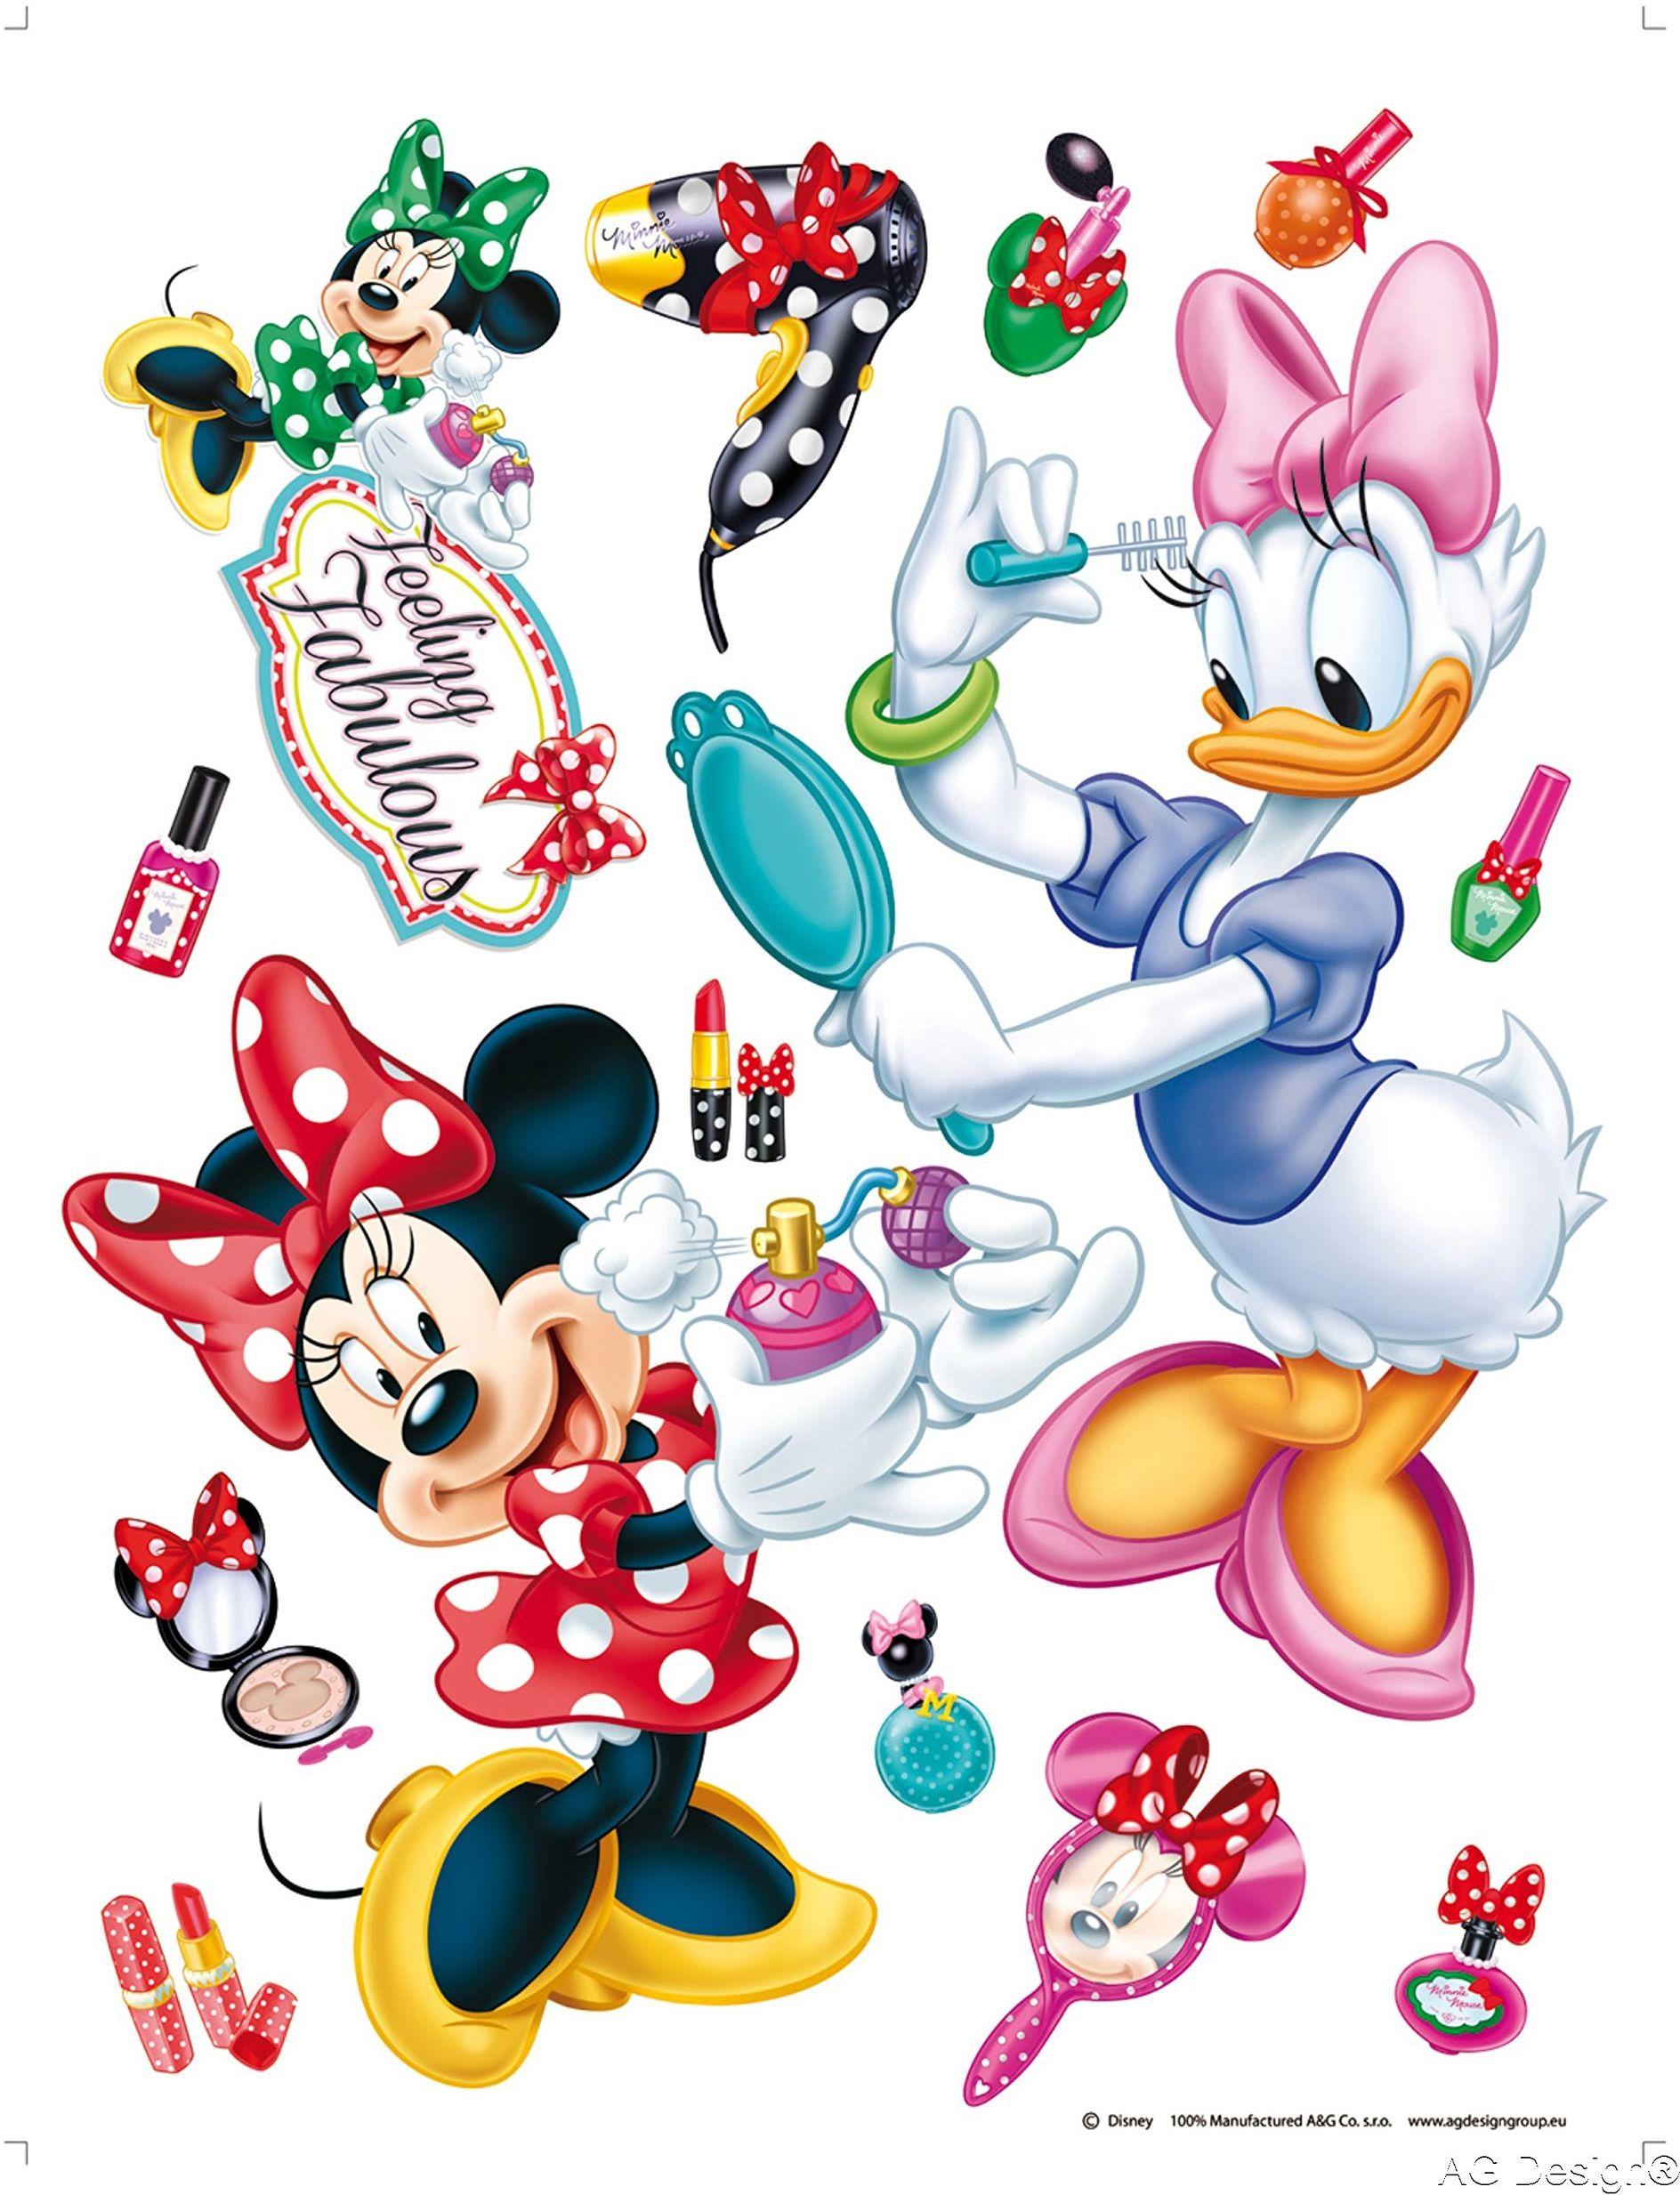 Naklejka ścienna DK 1767 Disney Minnie Mouse